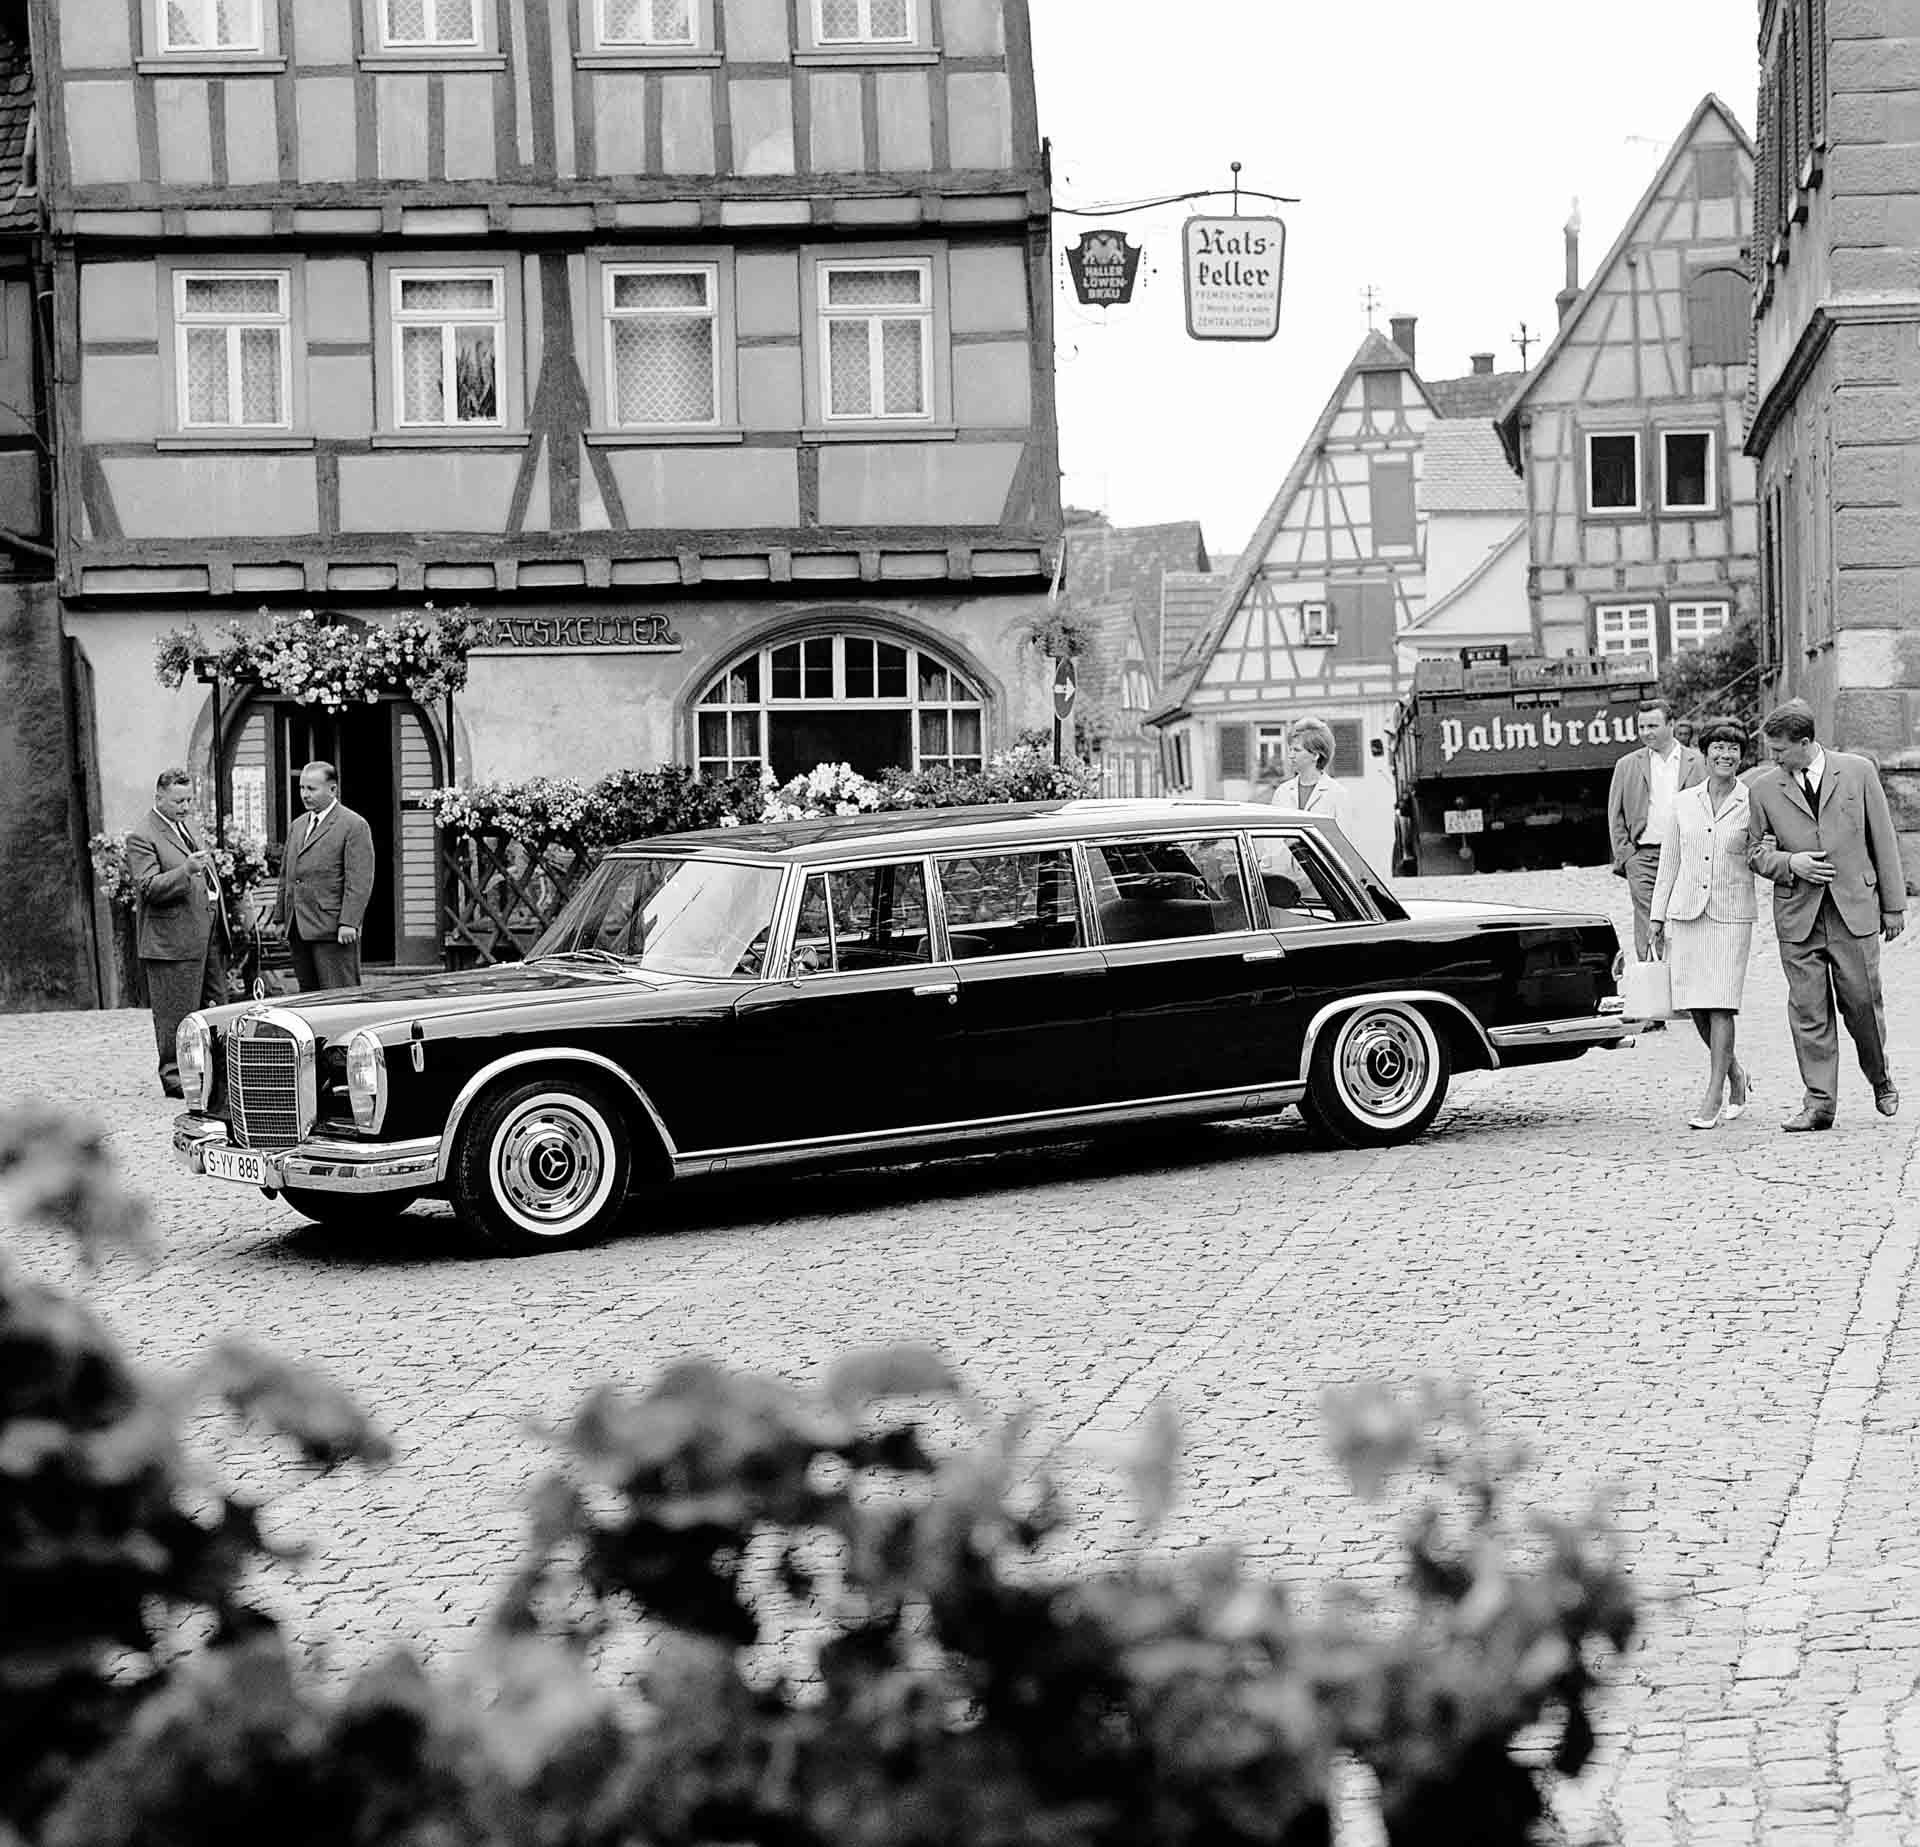 Für den repräsentativen Auftritt: Mercedes-Benz 600 Pullman Staatslimousine (W 100) aus dem Jahr 1967.